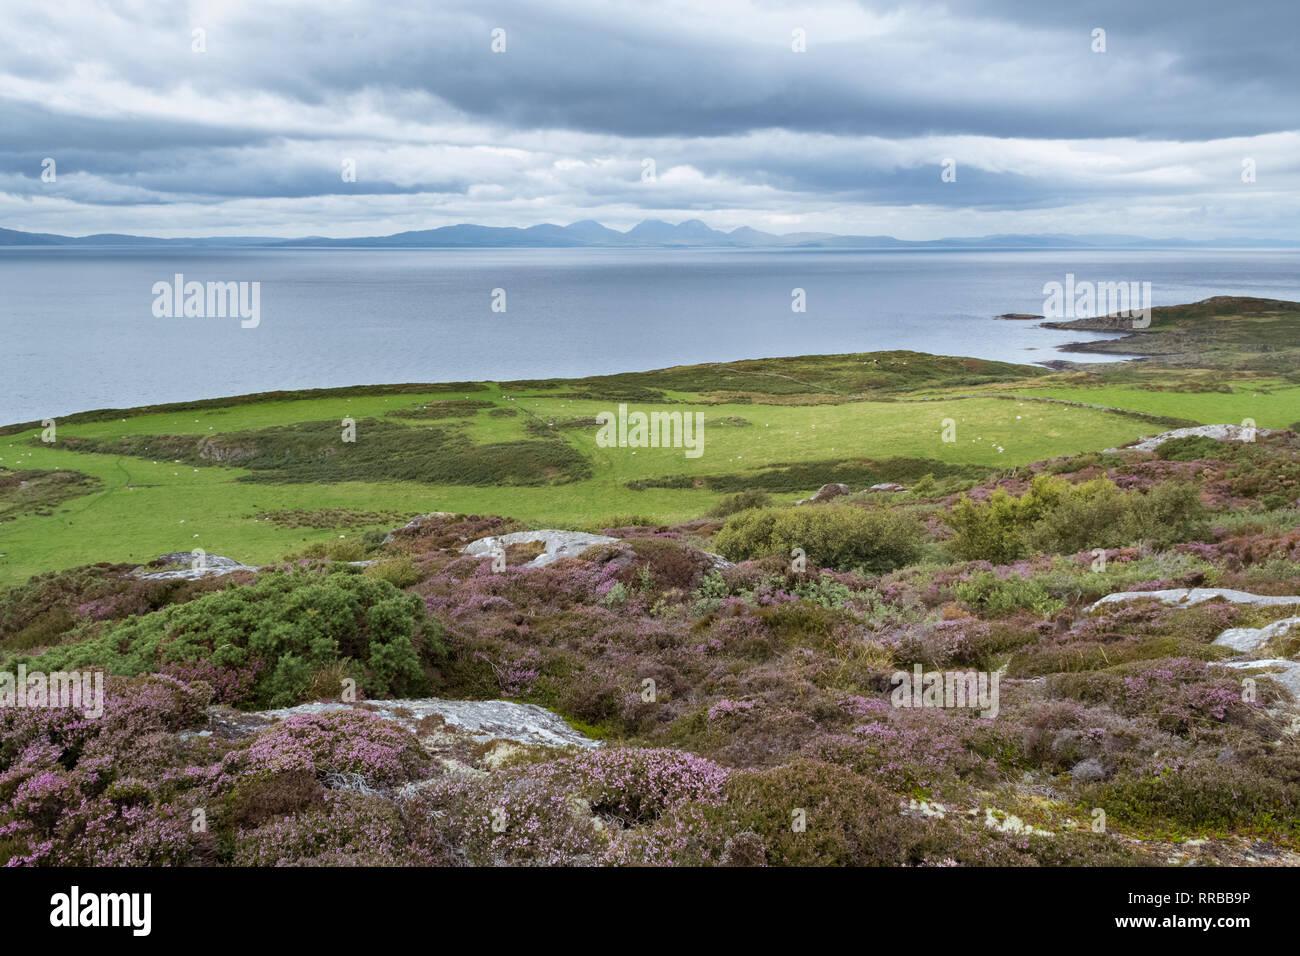 Île de Gigha, Argyll and Bute, Ecosse, UK - avec les Paps of Jura visible sur l'horizon Banque D'Images